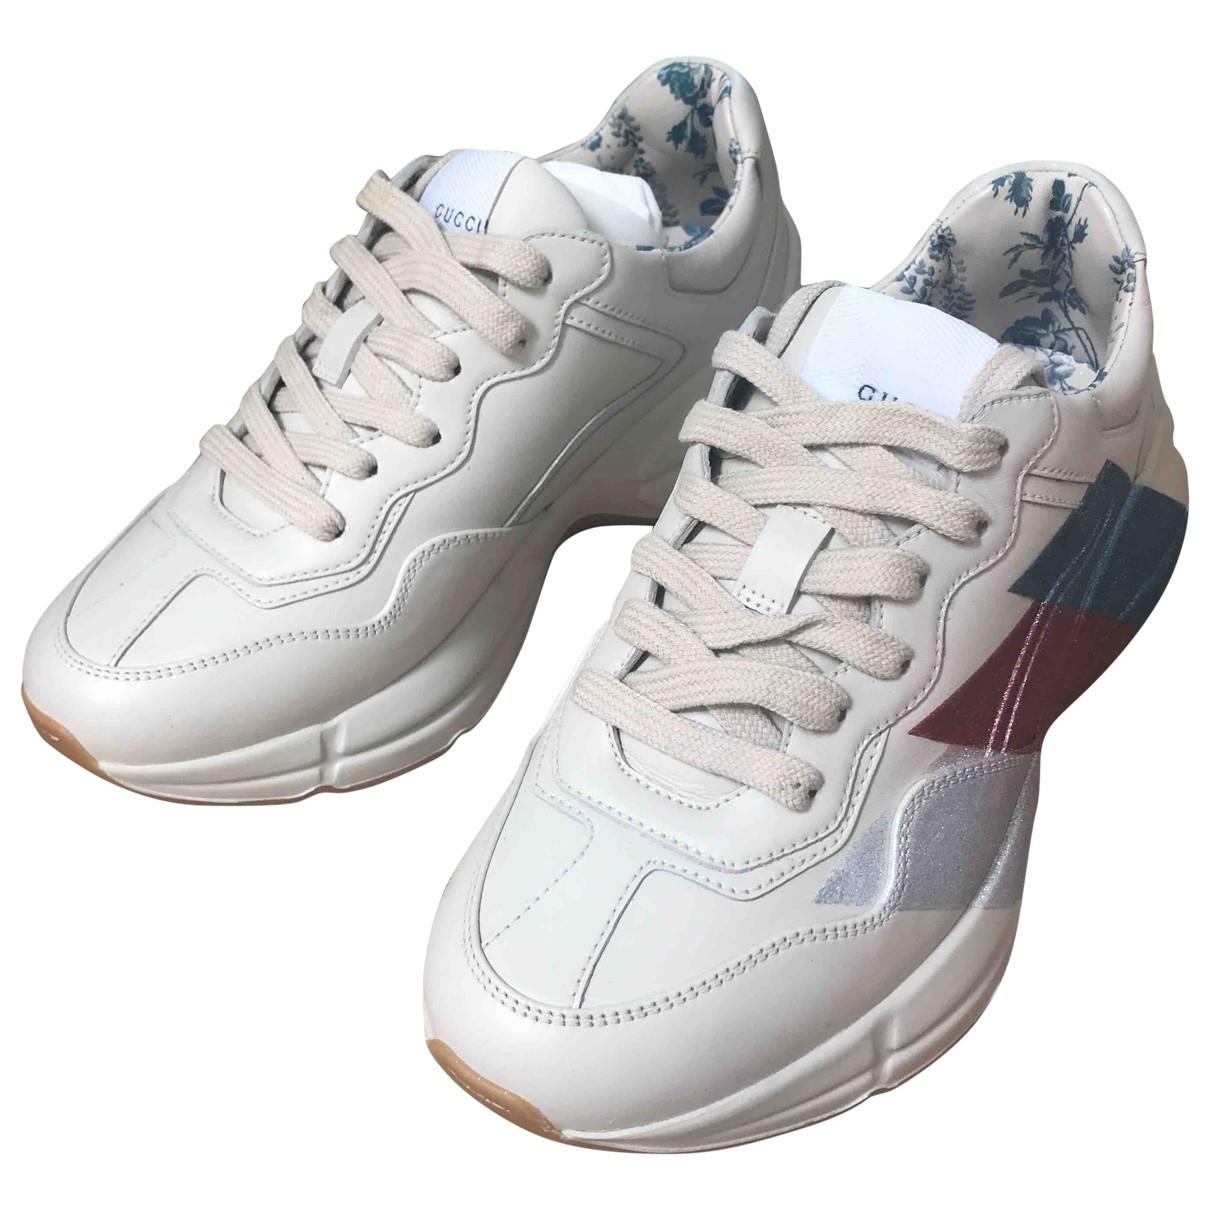 Gucci - Baskets Rhyton pour femme en cuir - blanc